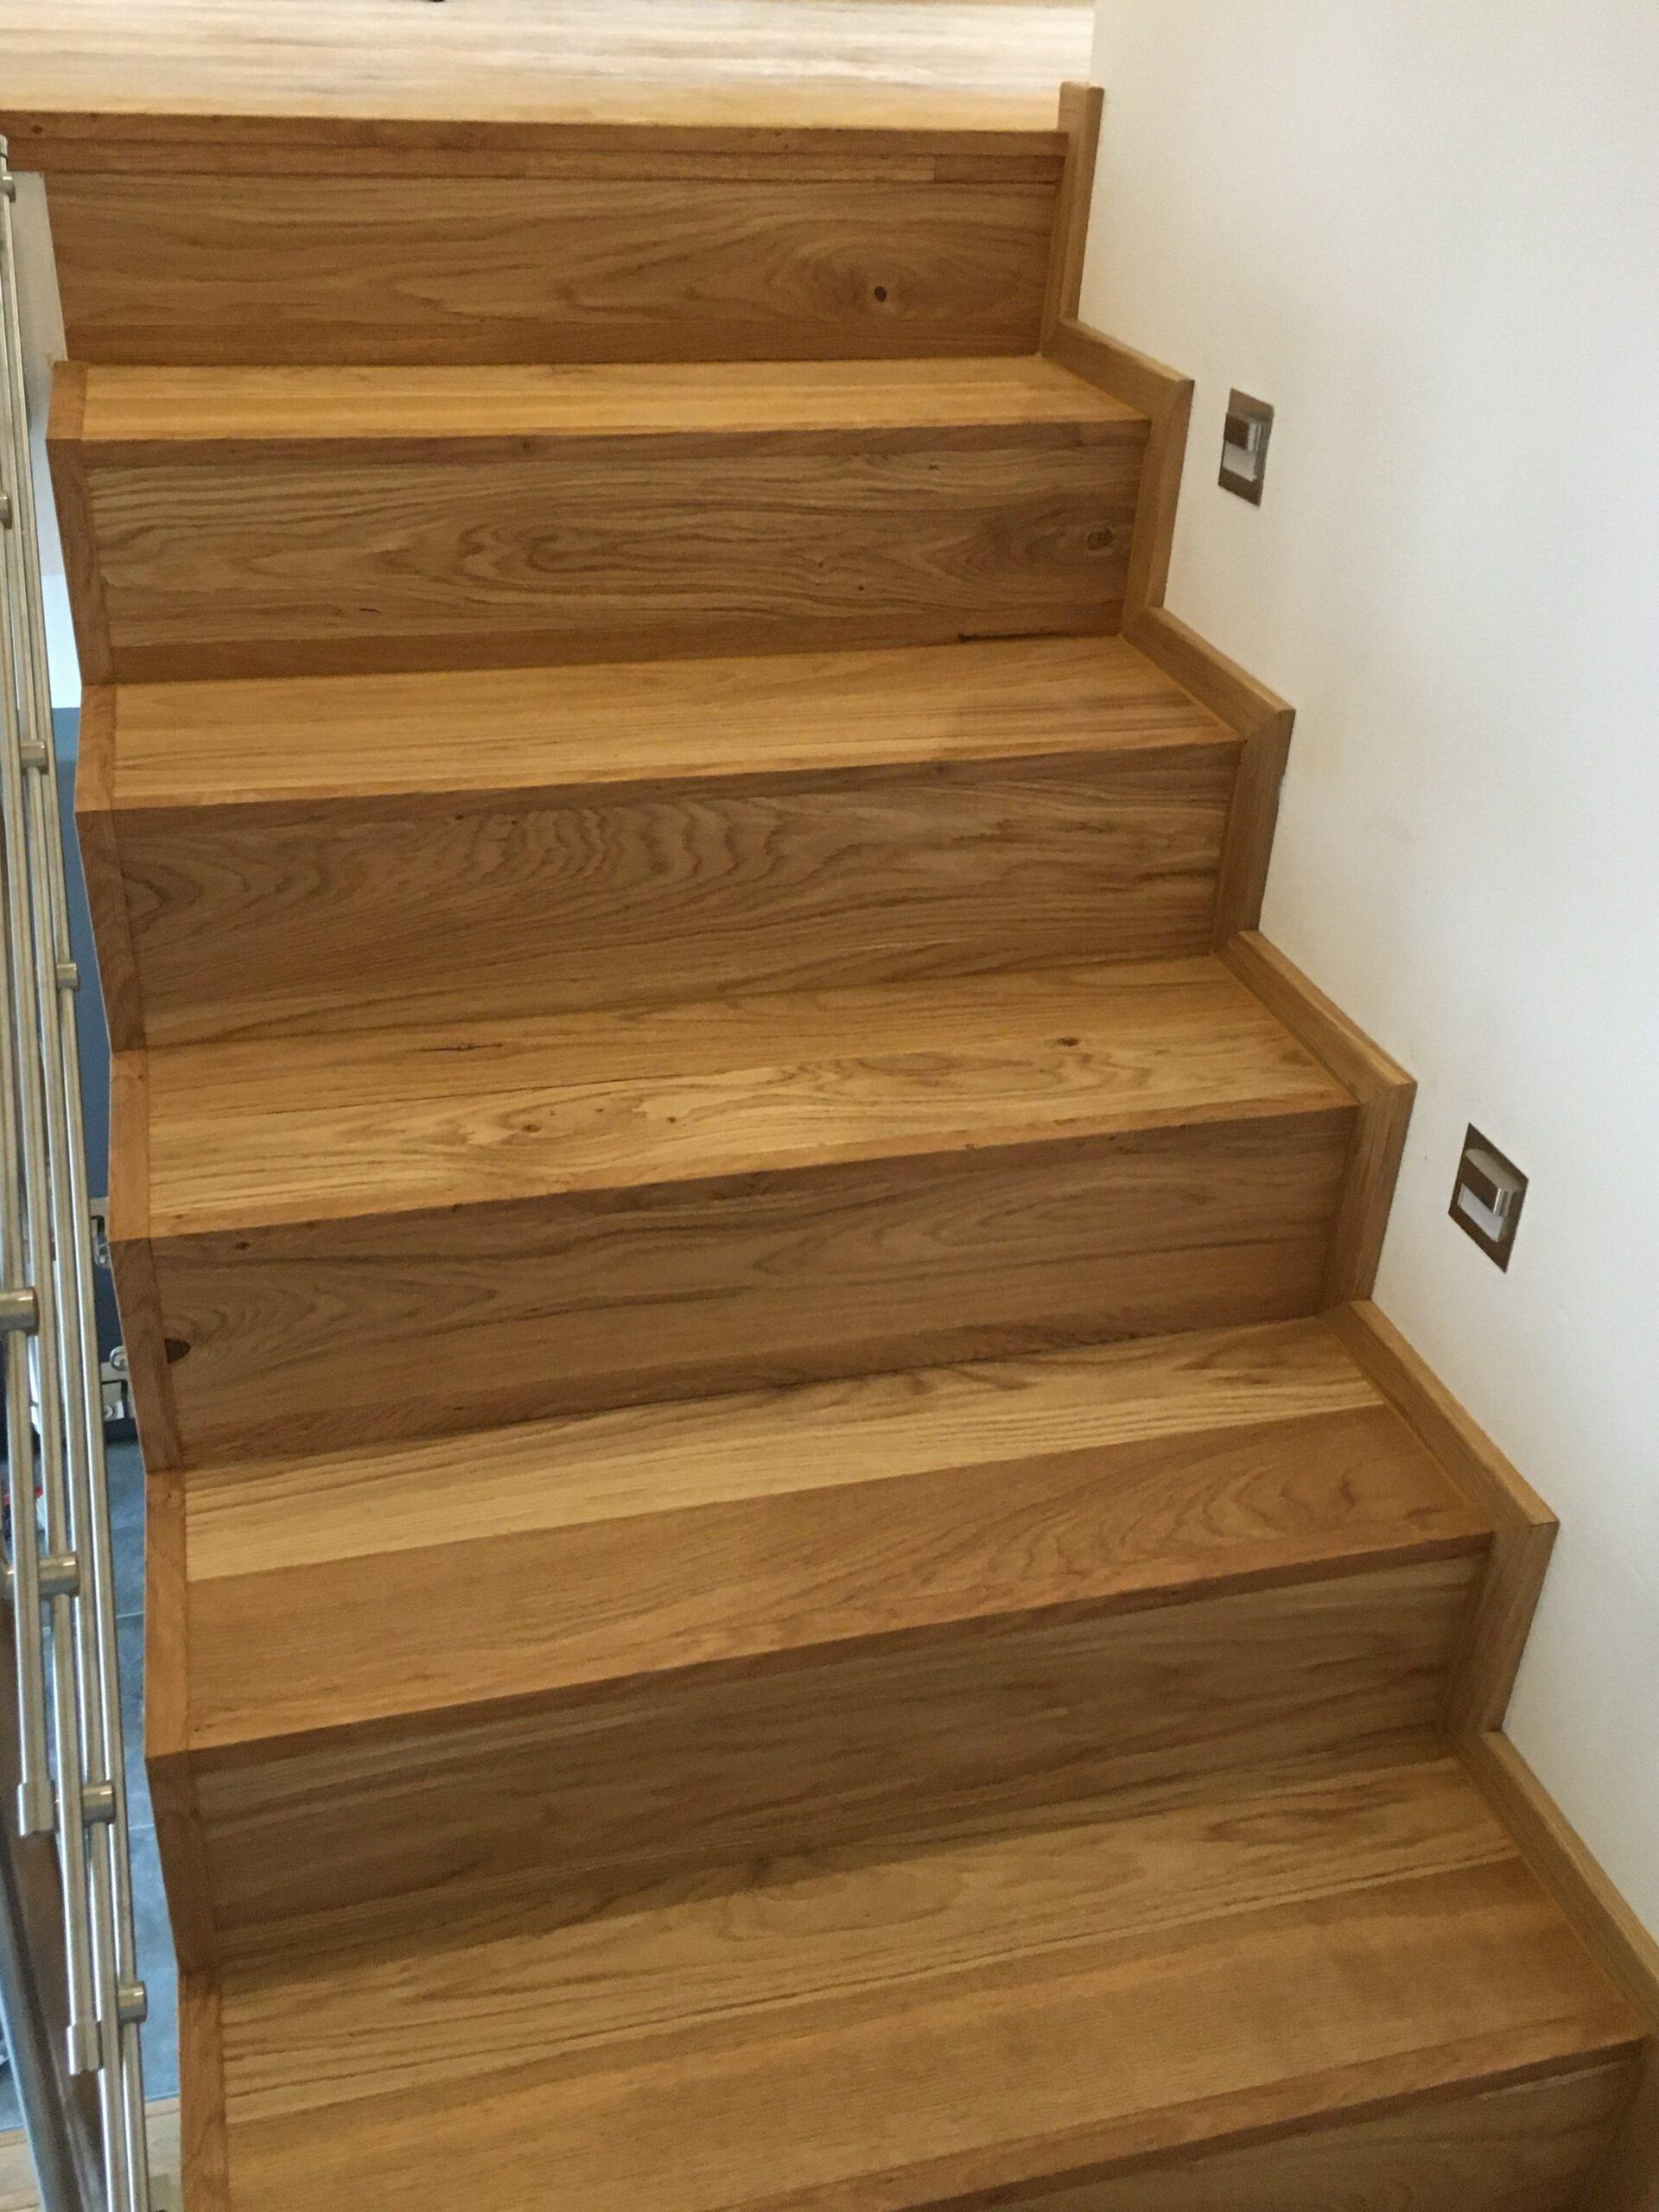 RD Nové Strašecí - obložení schodiště dřevěnou podlahou 4